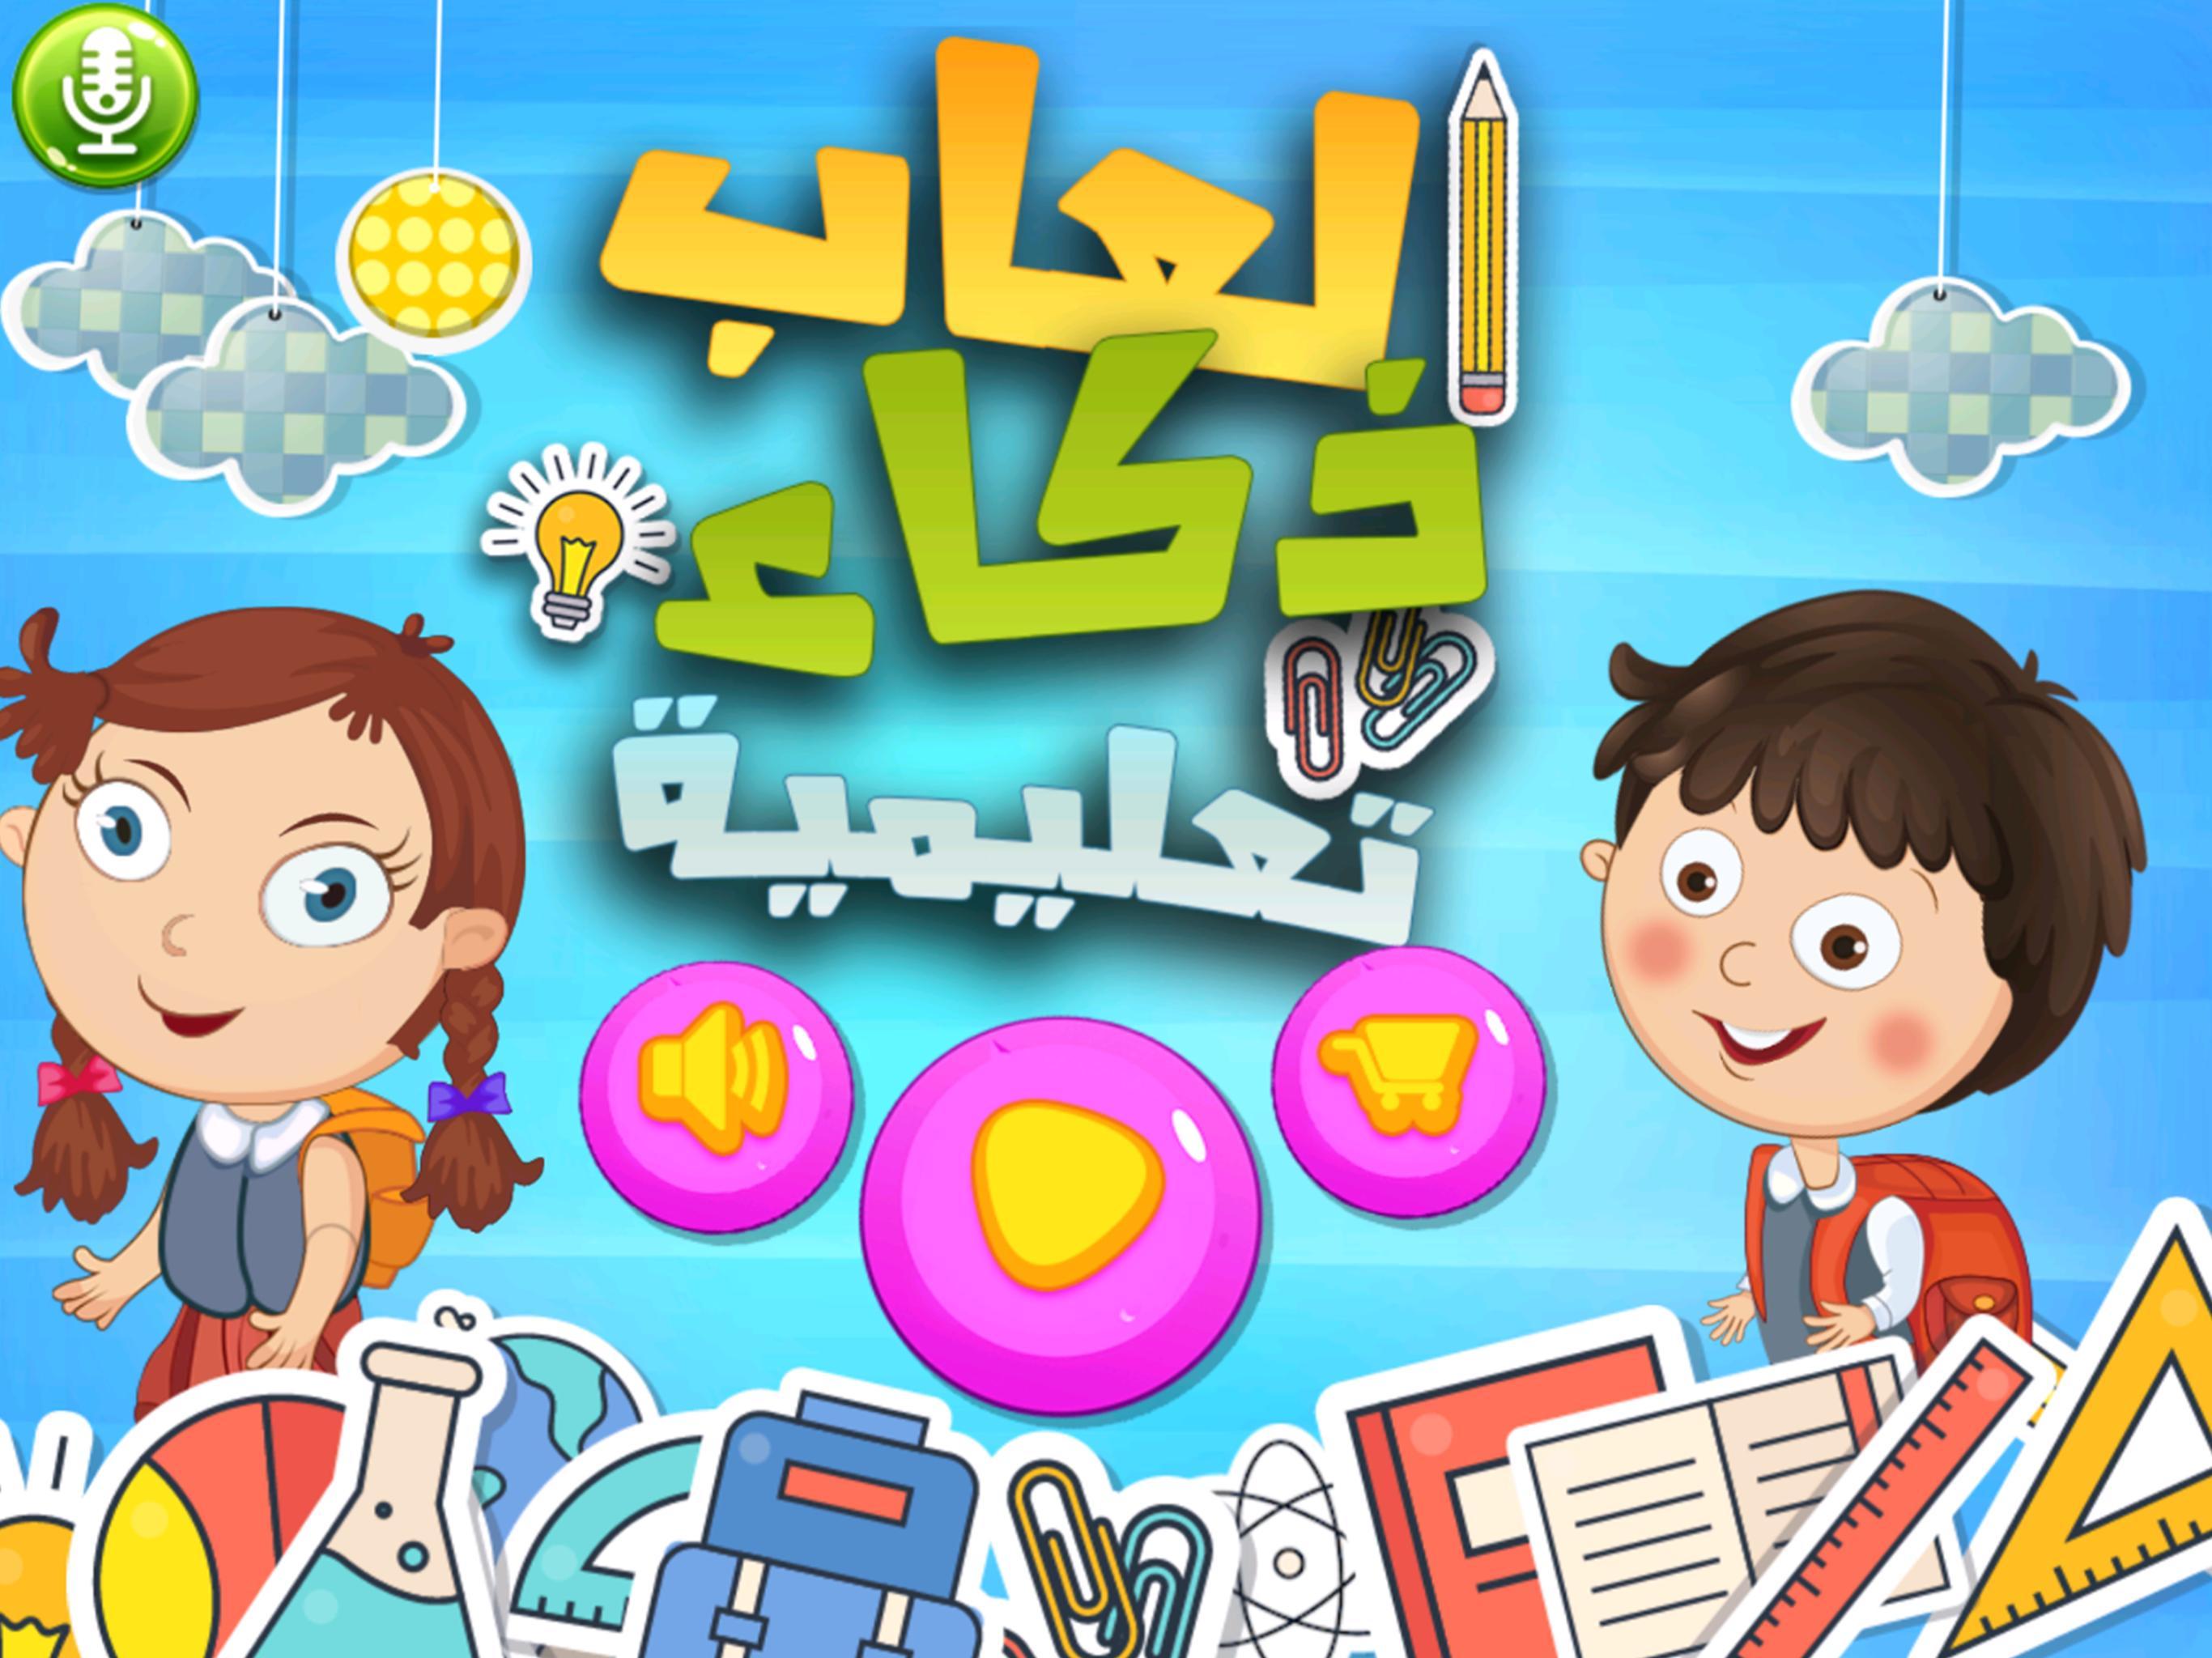 العاب ذكاء اطفال و بنات تعليمية التعليم و الذكاء 1.0.1 Screenshot 10